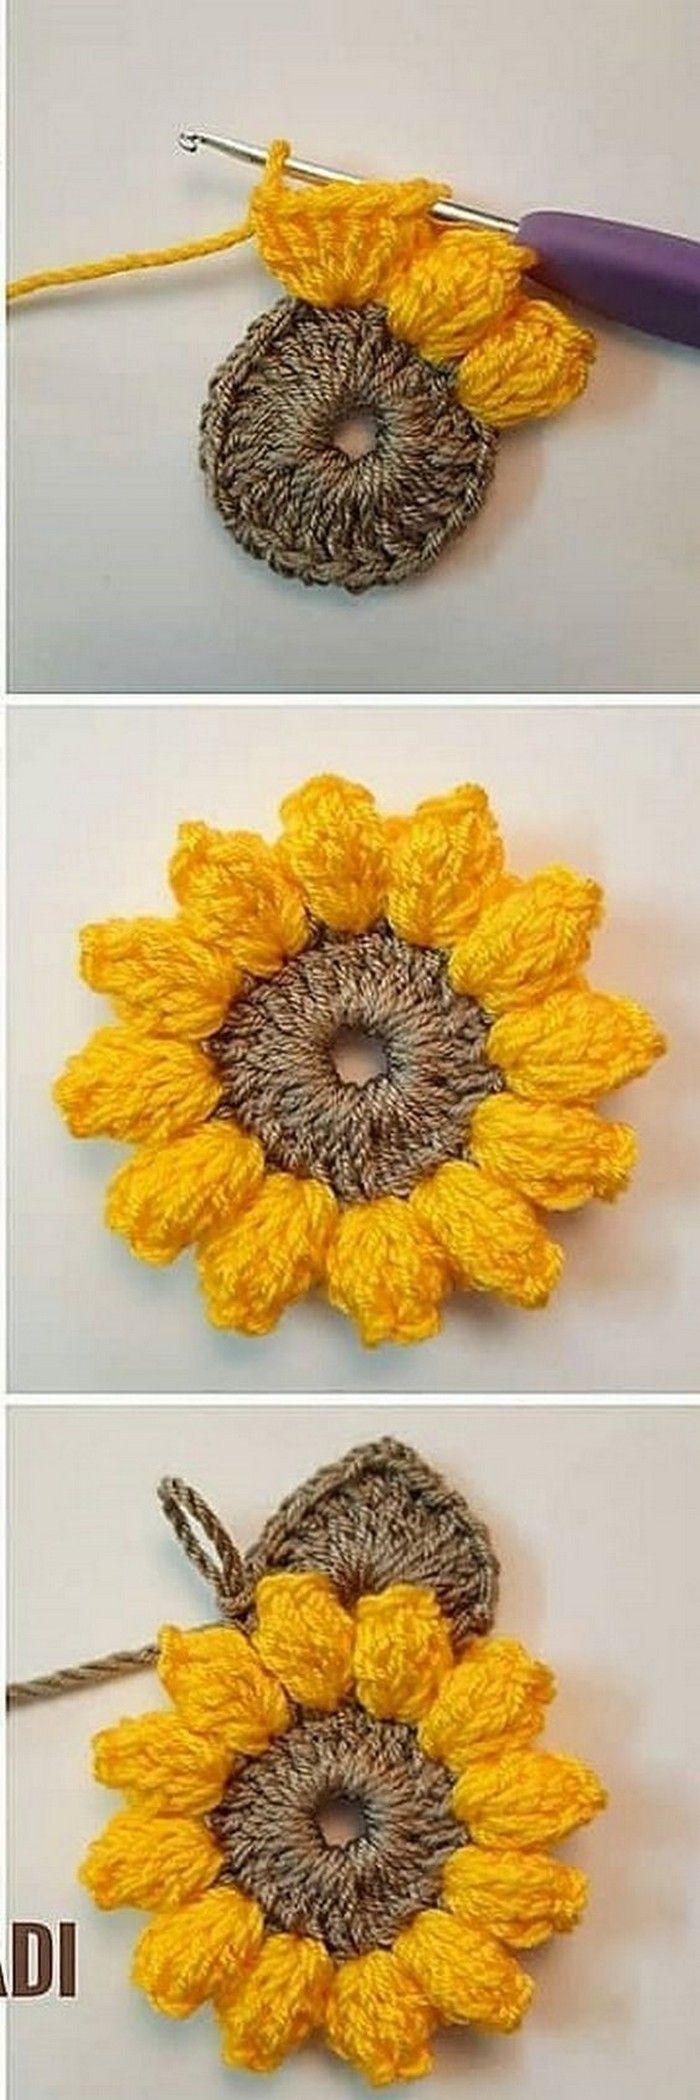 Photo of Einfach #Für #Basteln #Blume # und #Einzel #Sonstiges – Blumen Natur Ideen